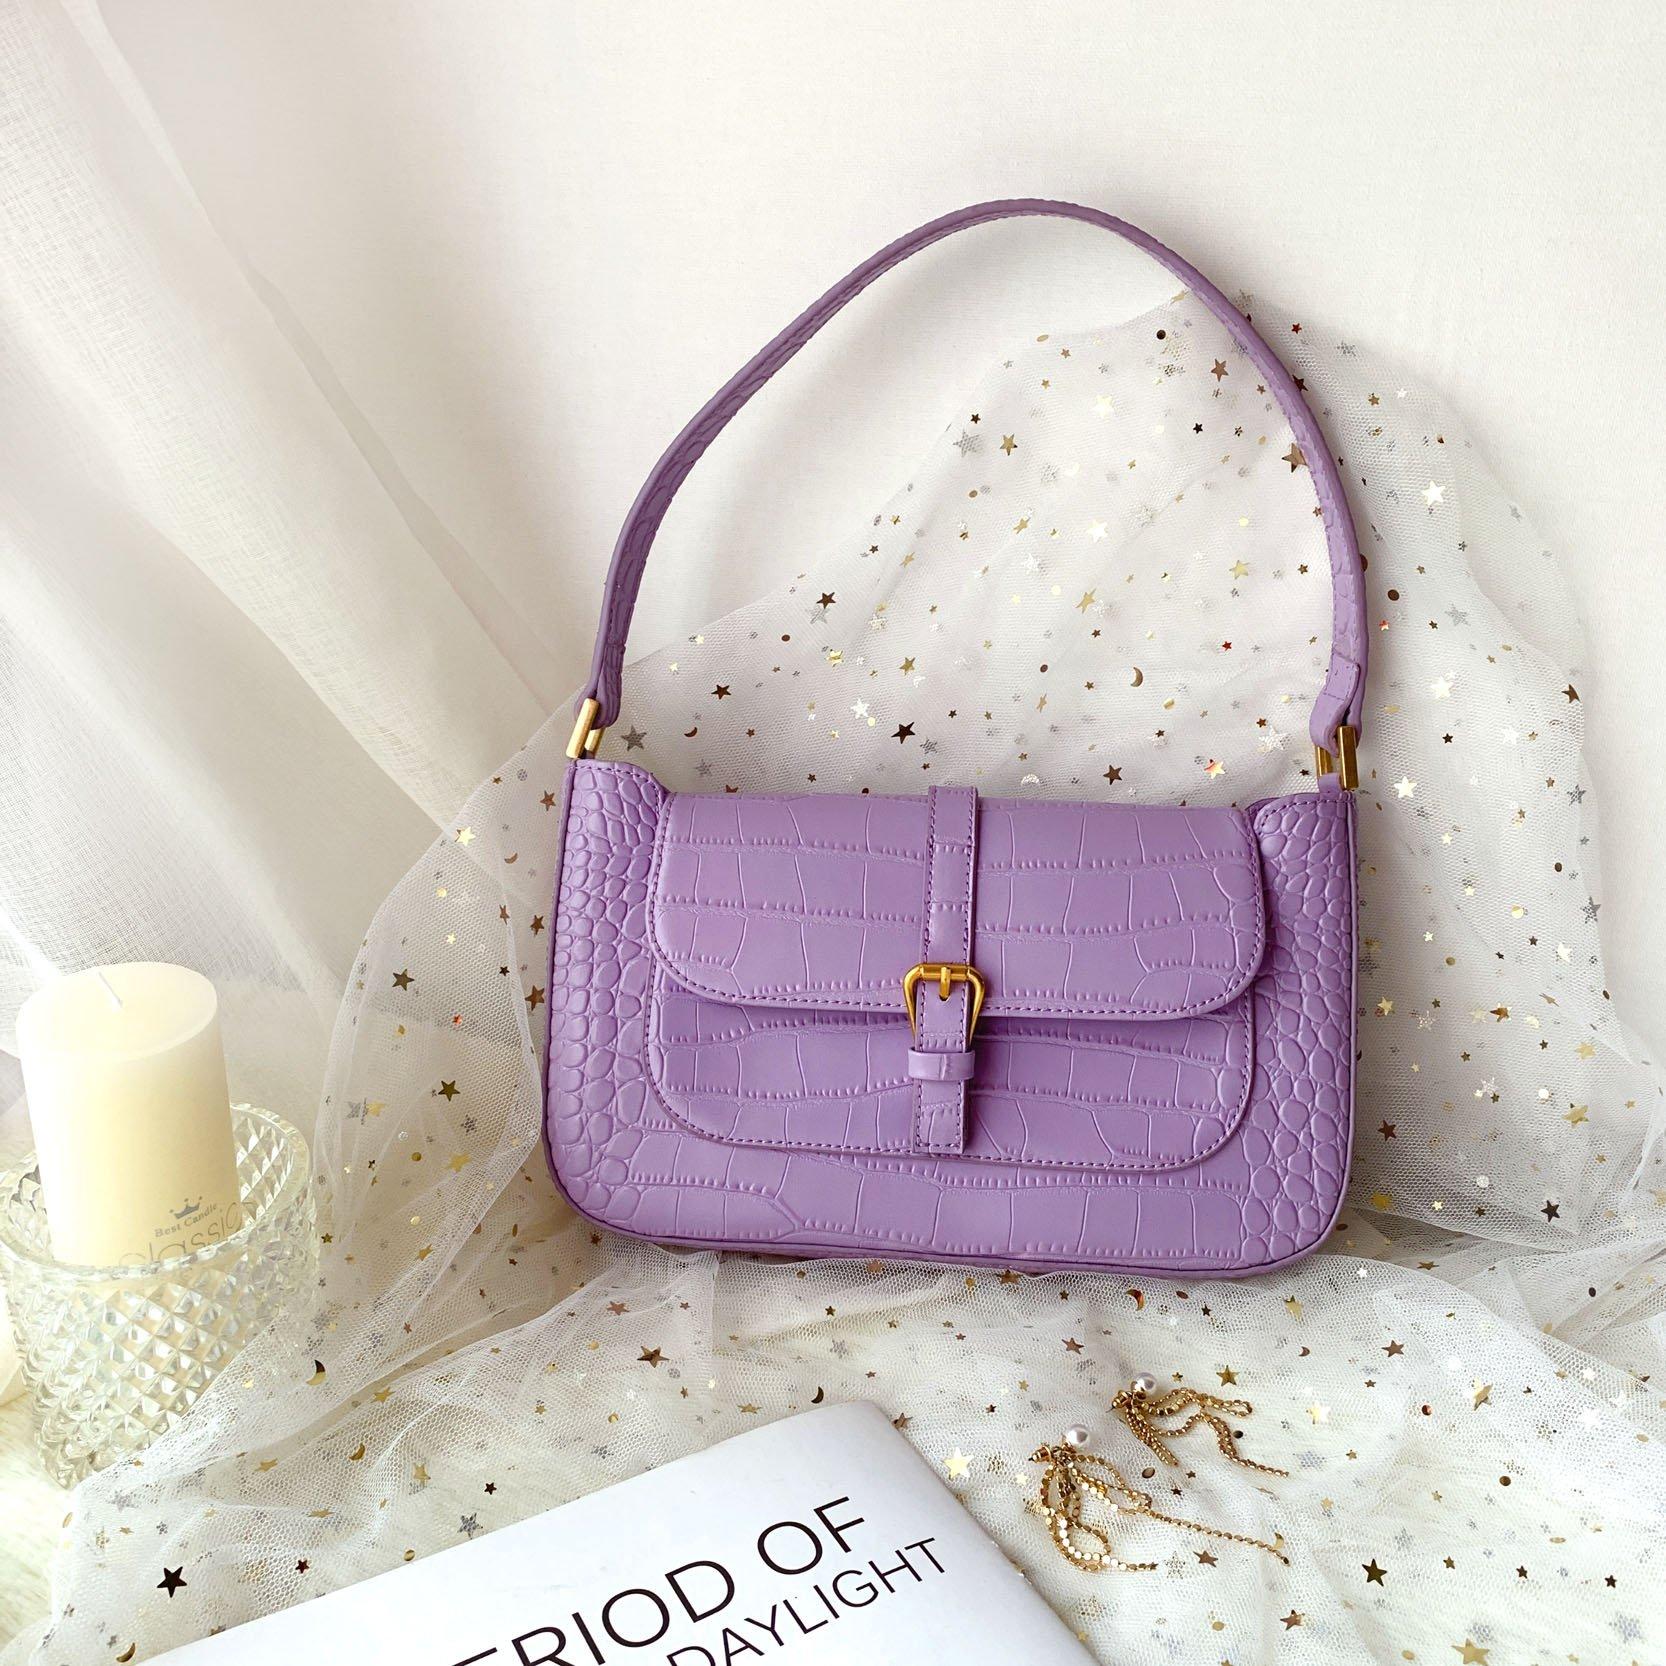 紫色信封包 腋下包女夏高级感洋气质感小包信封vintage单肩包手提紫色法棍包_推荐淘宝好看的紫色信封包